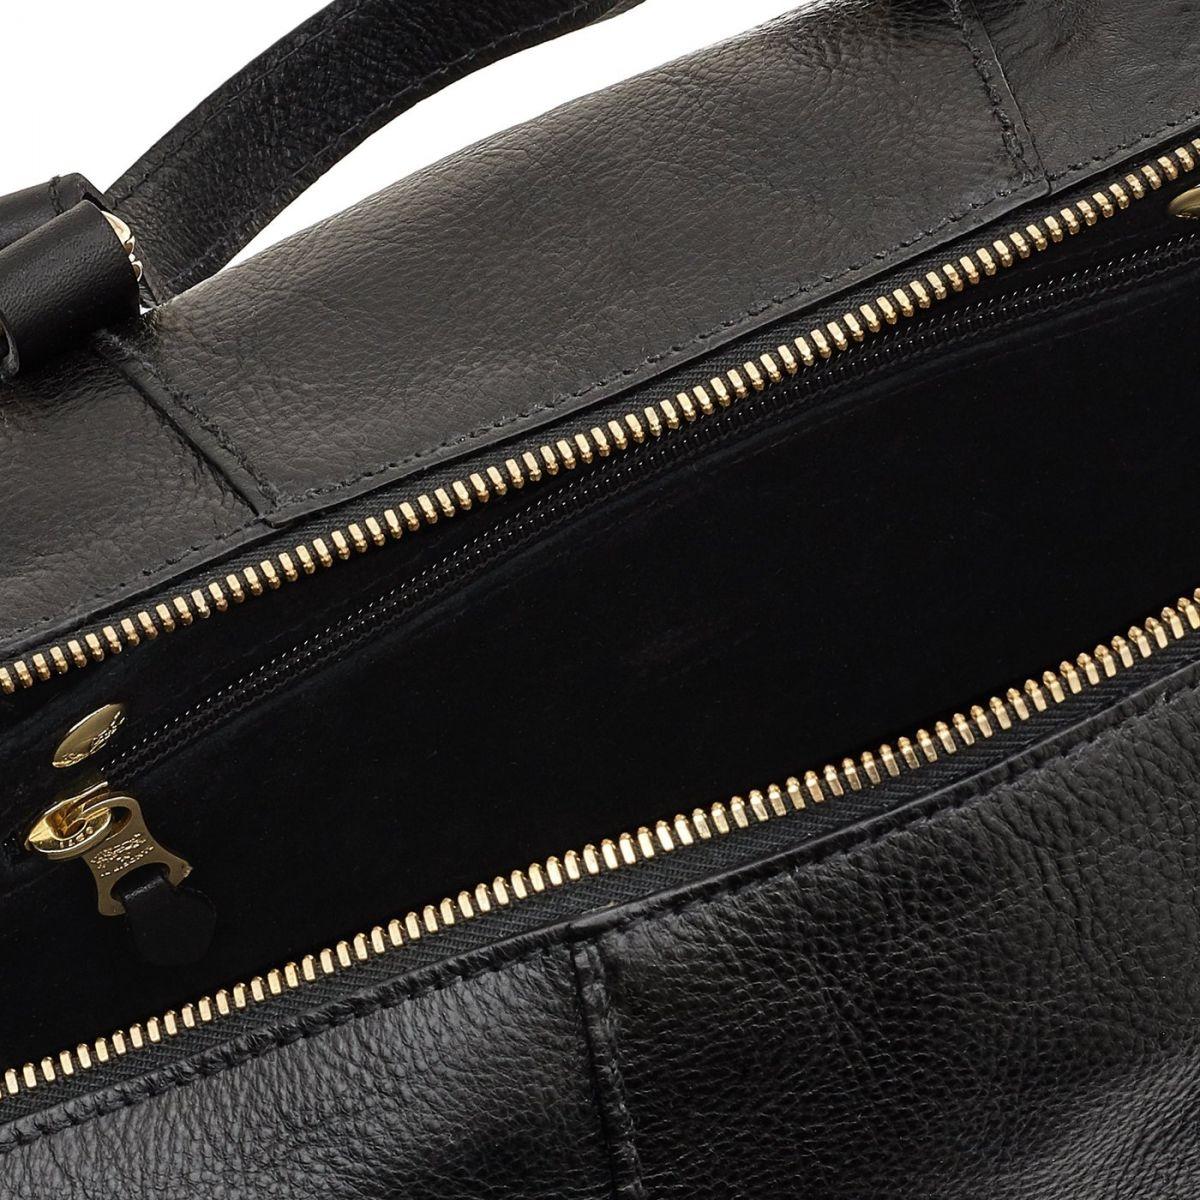 Sac A Main pour Femme Stromboli en Cuir De Vachette BTH105 couleur Noir | Details